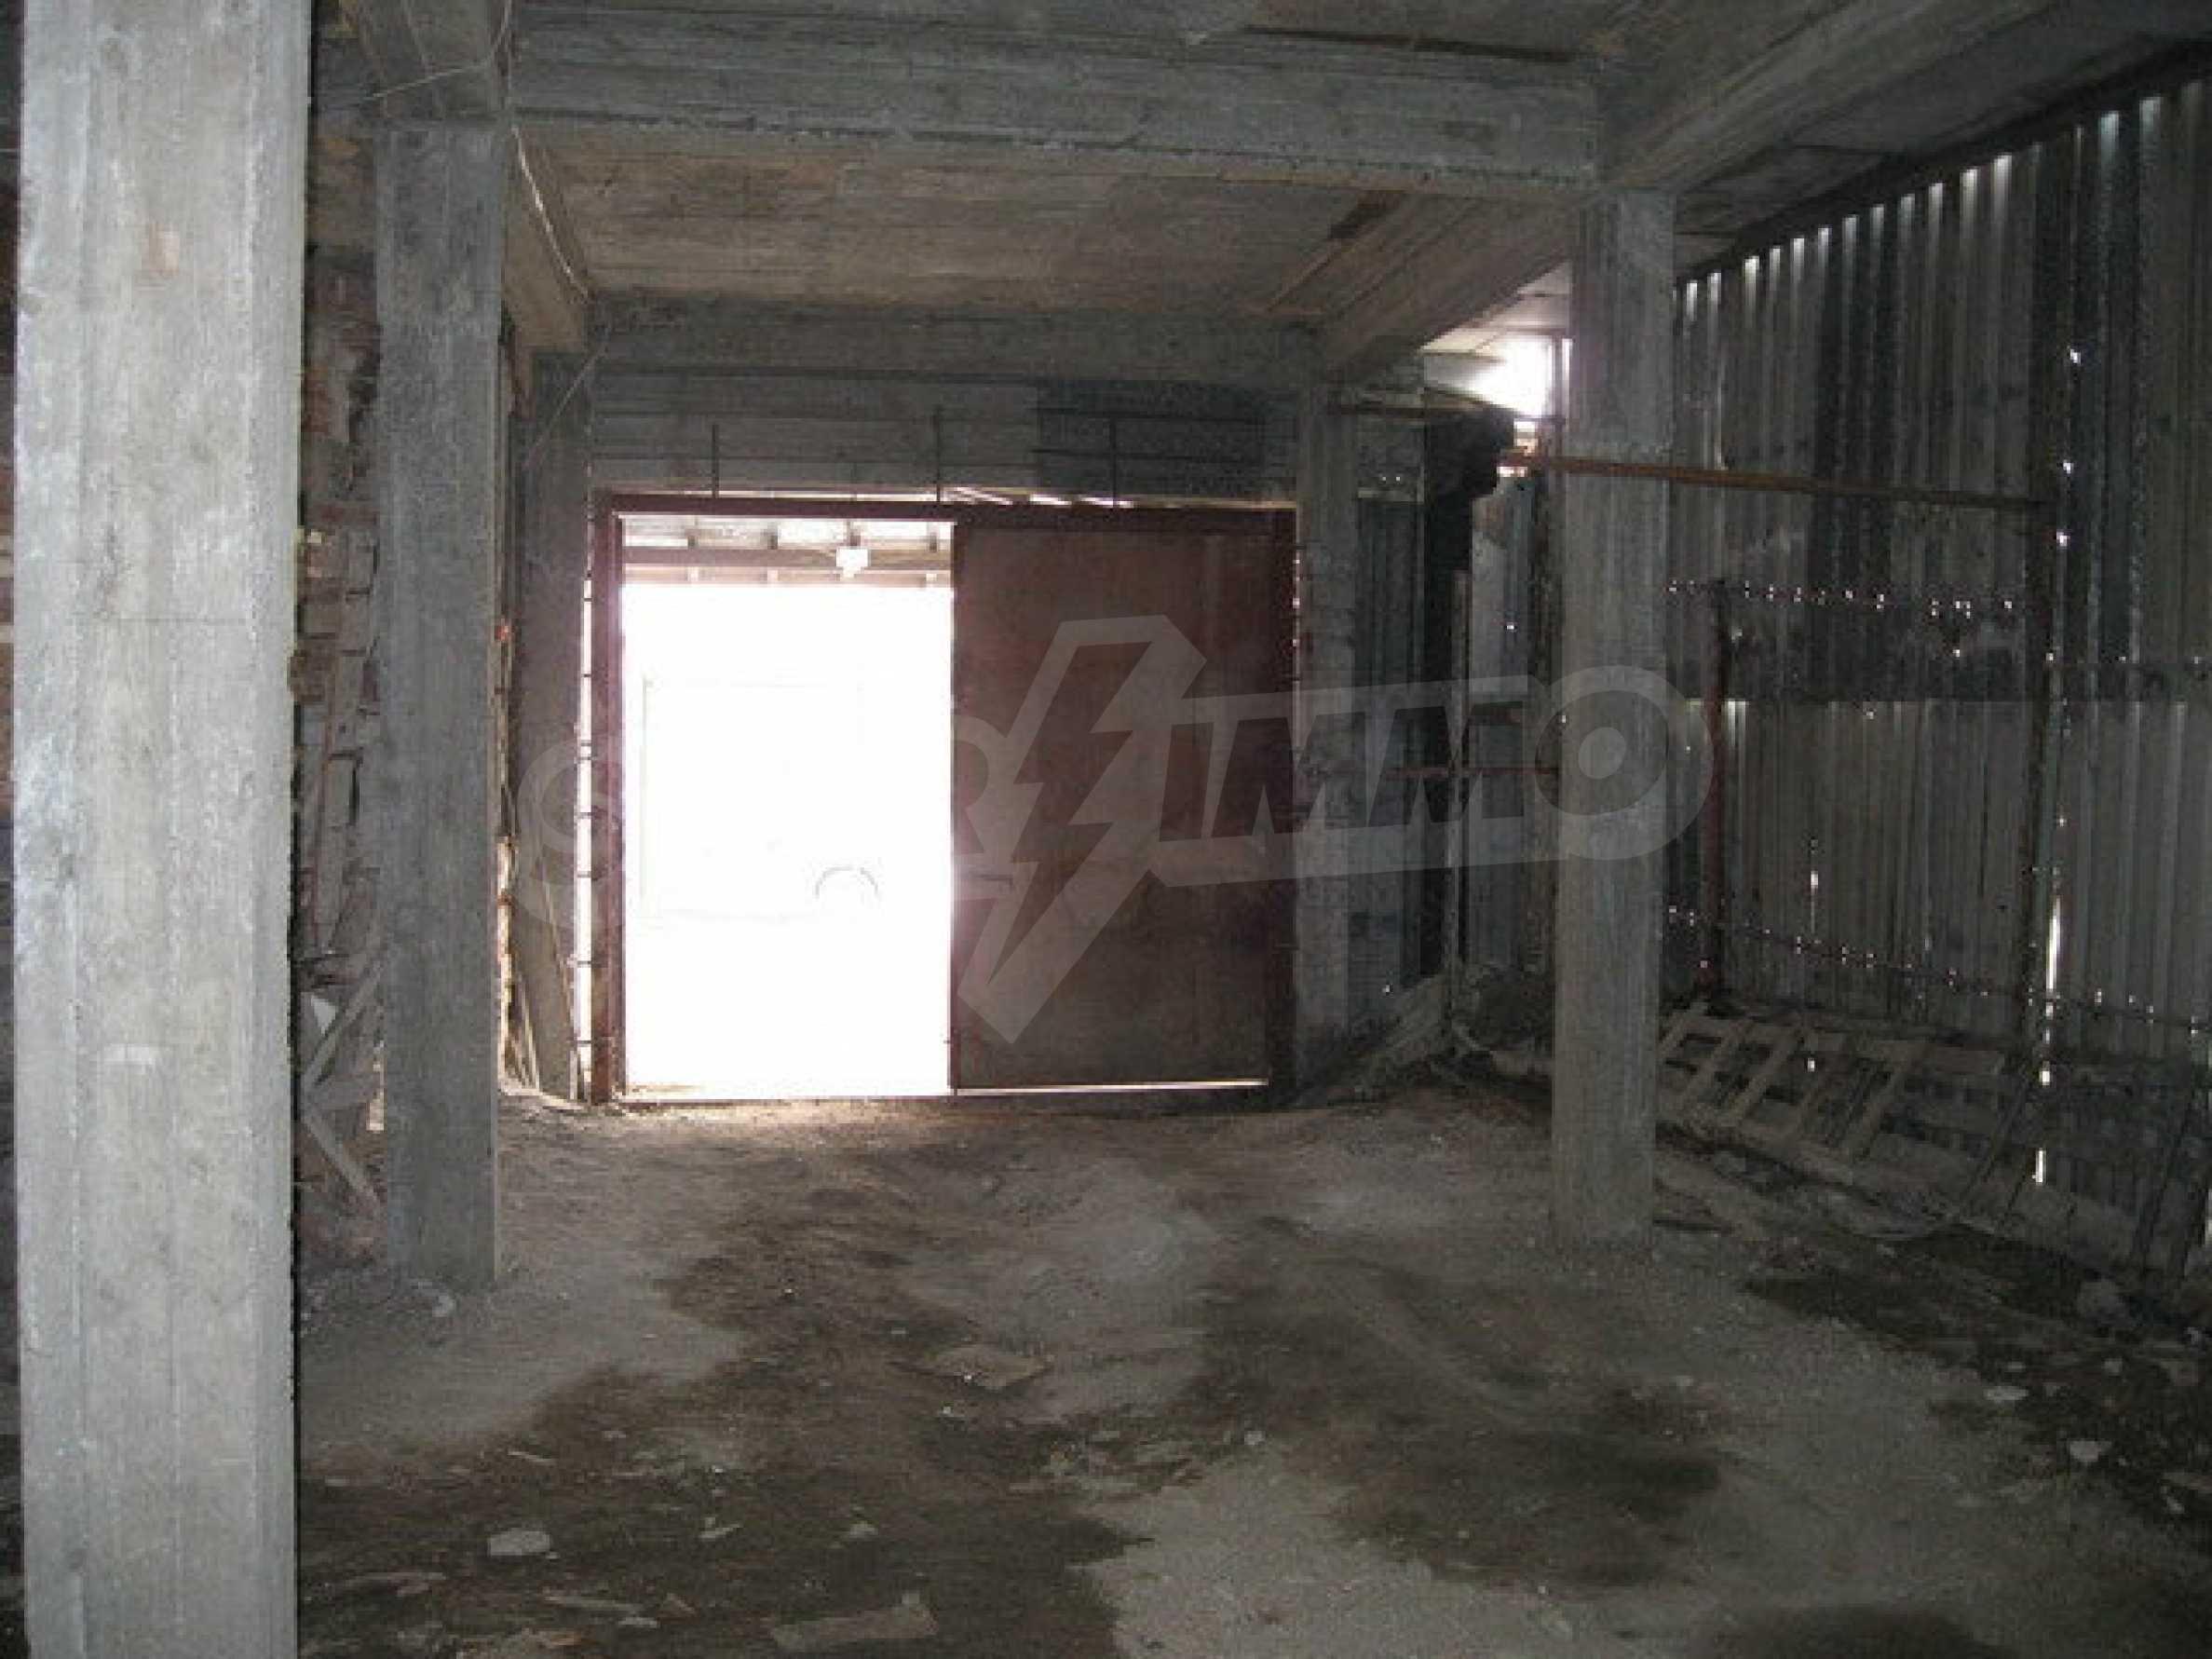 Здание, подходящее для разных видов бизнеса, расположенное в городе Велико Тырново 13